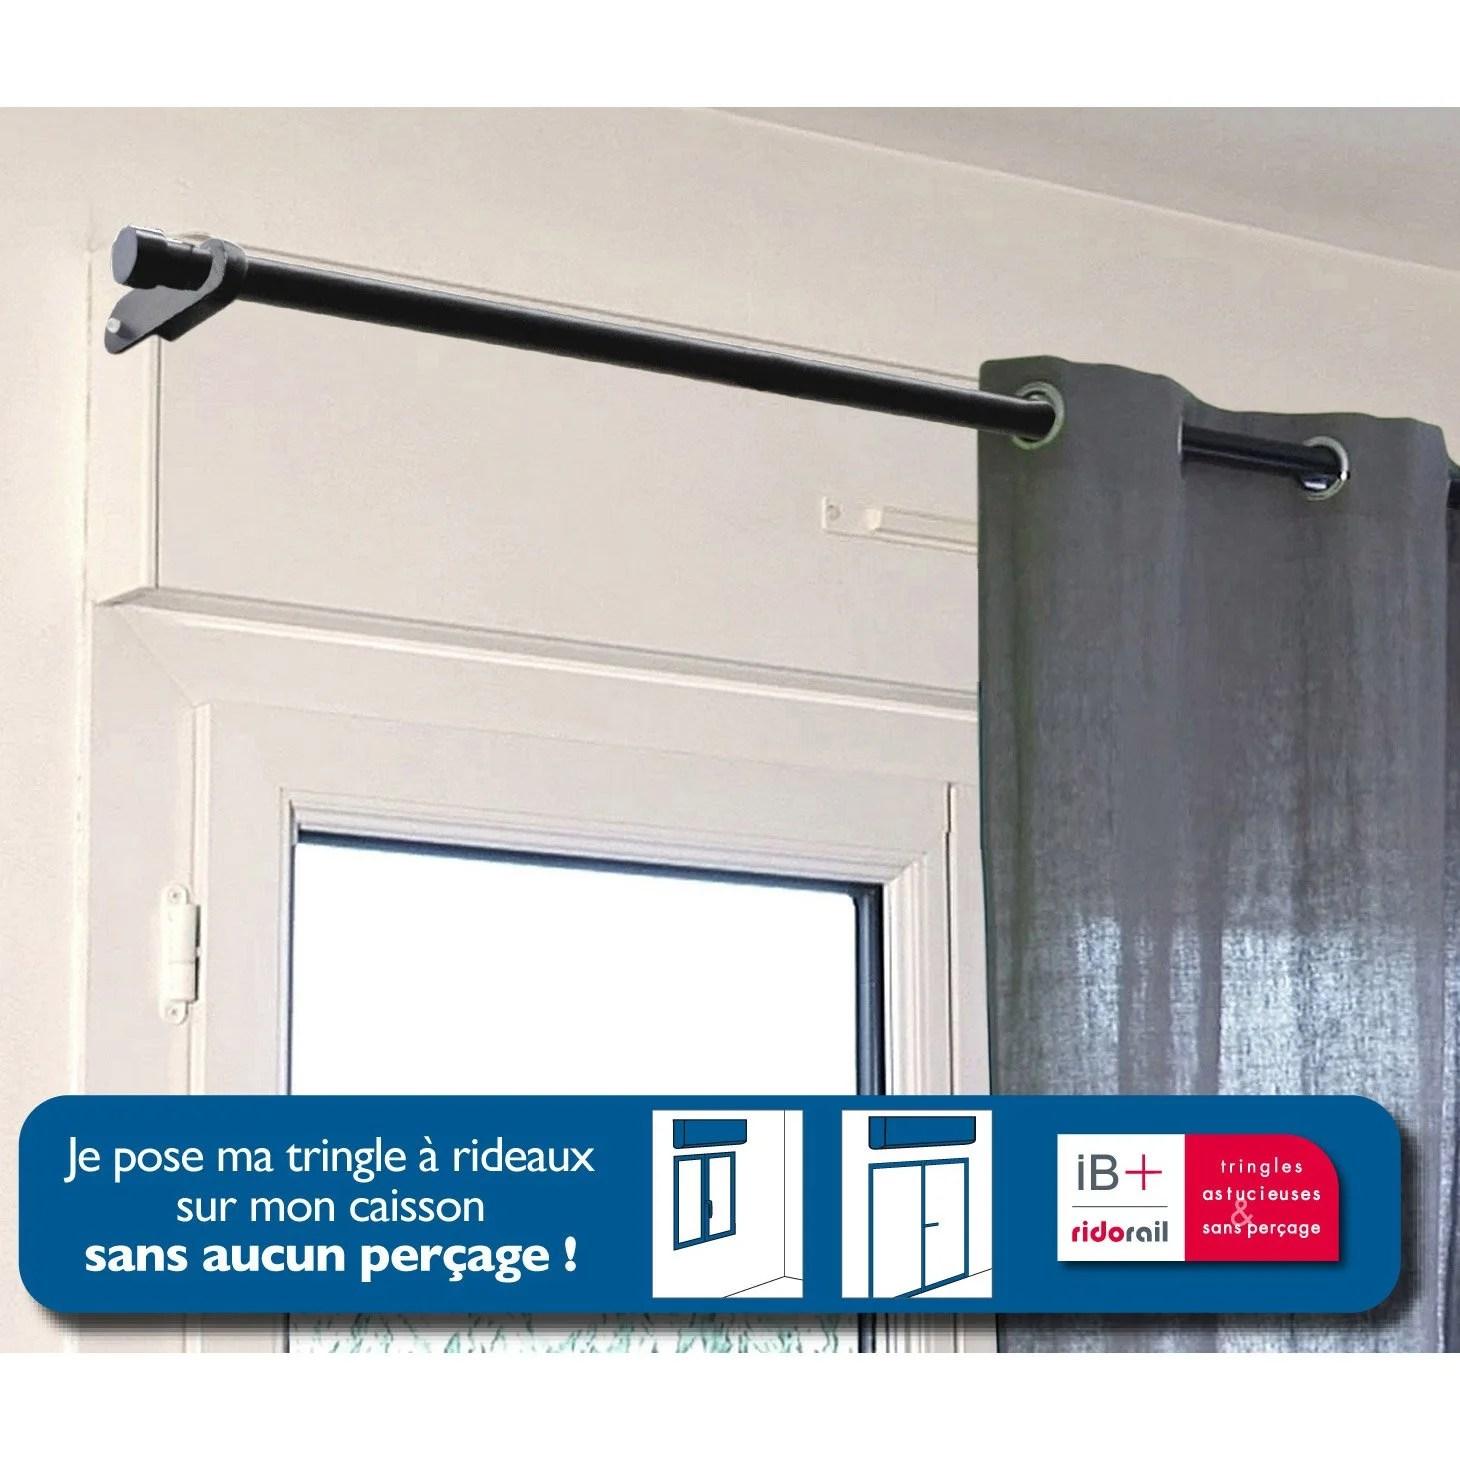 Support Sans Perage Tringle Rideau Ib 25 Mm Noir Mat